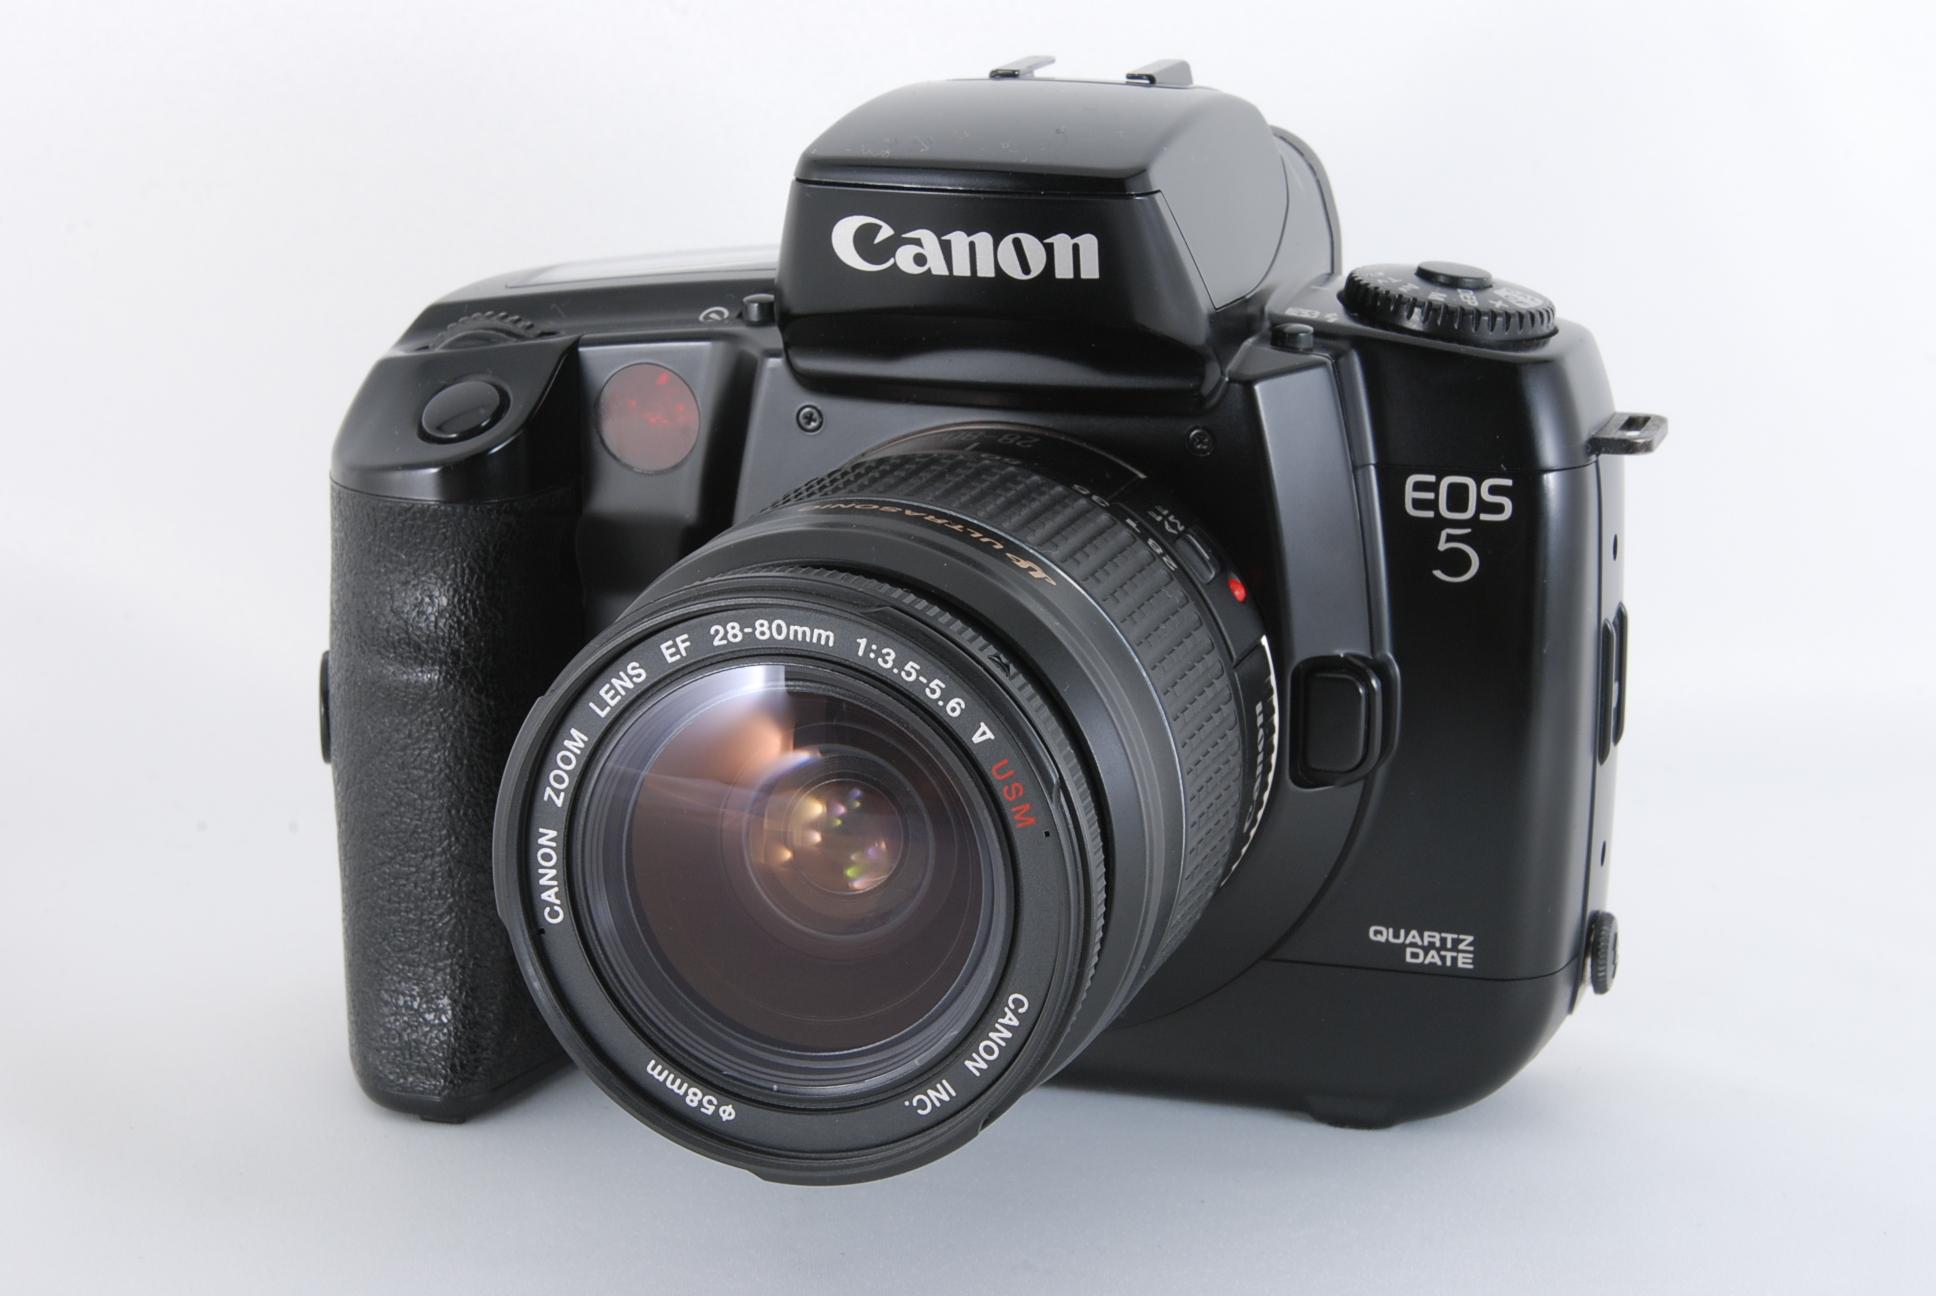 canon eos5